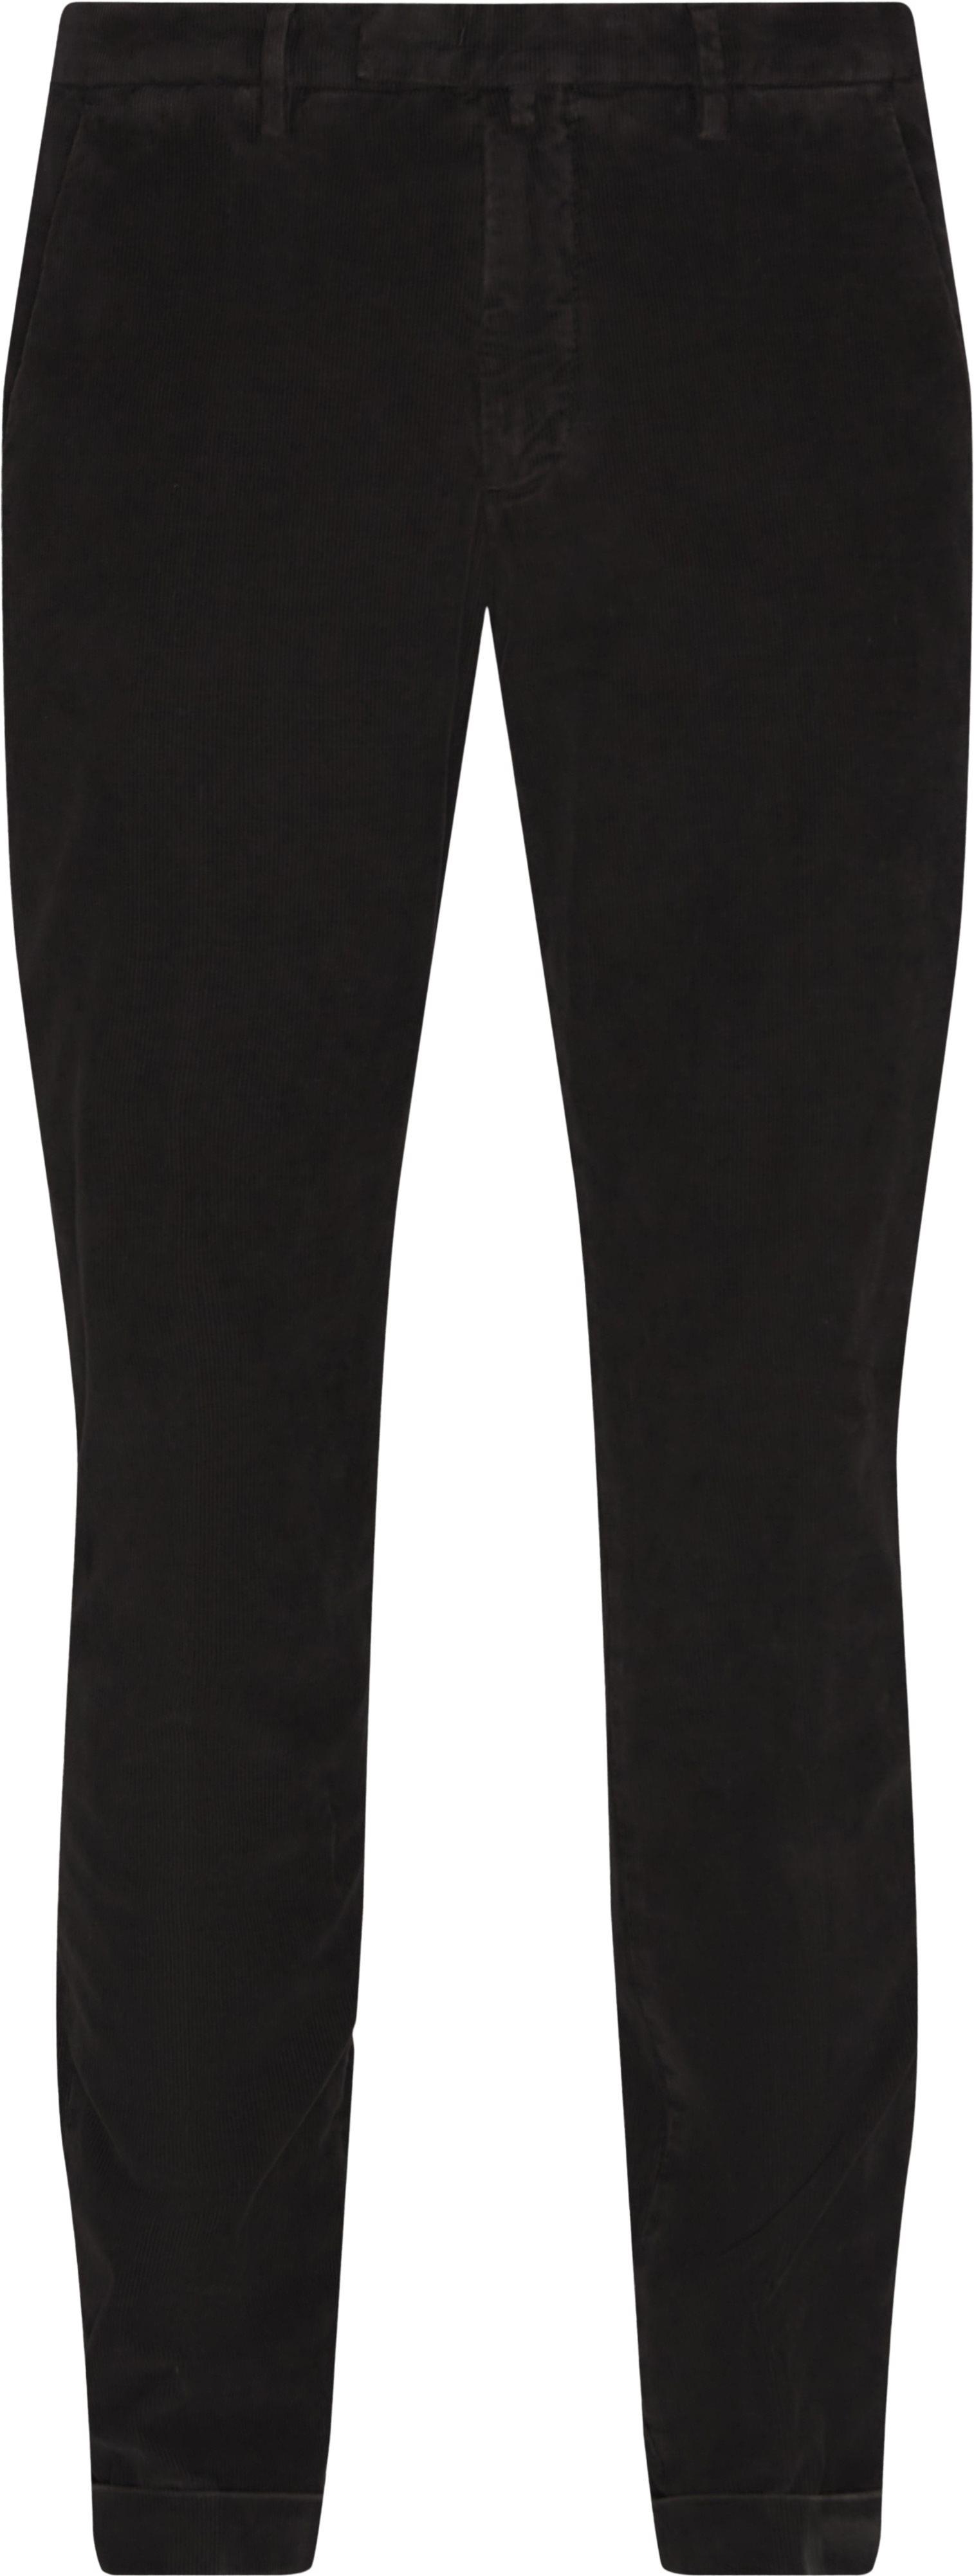 Fløjlsbukser - Bukser - Regular fit - Brun